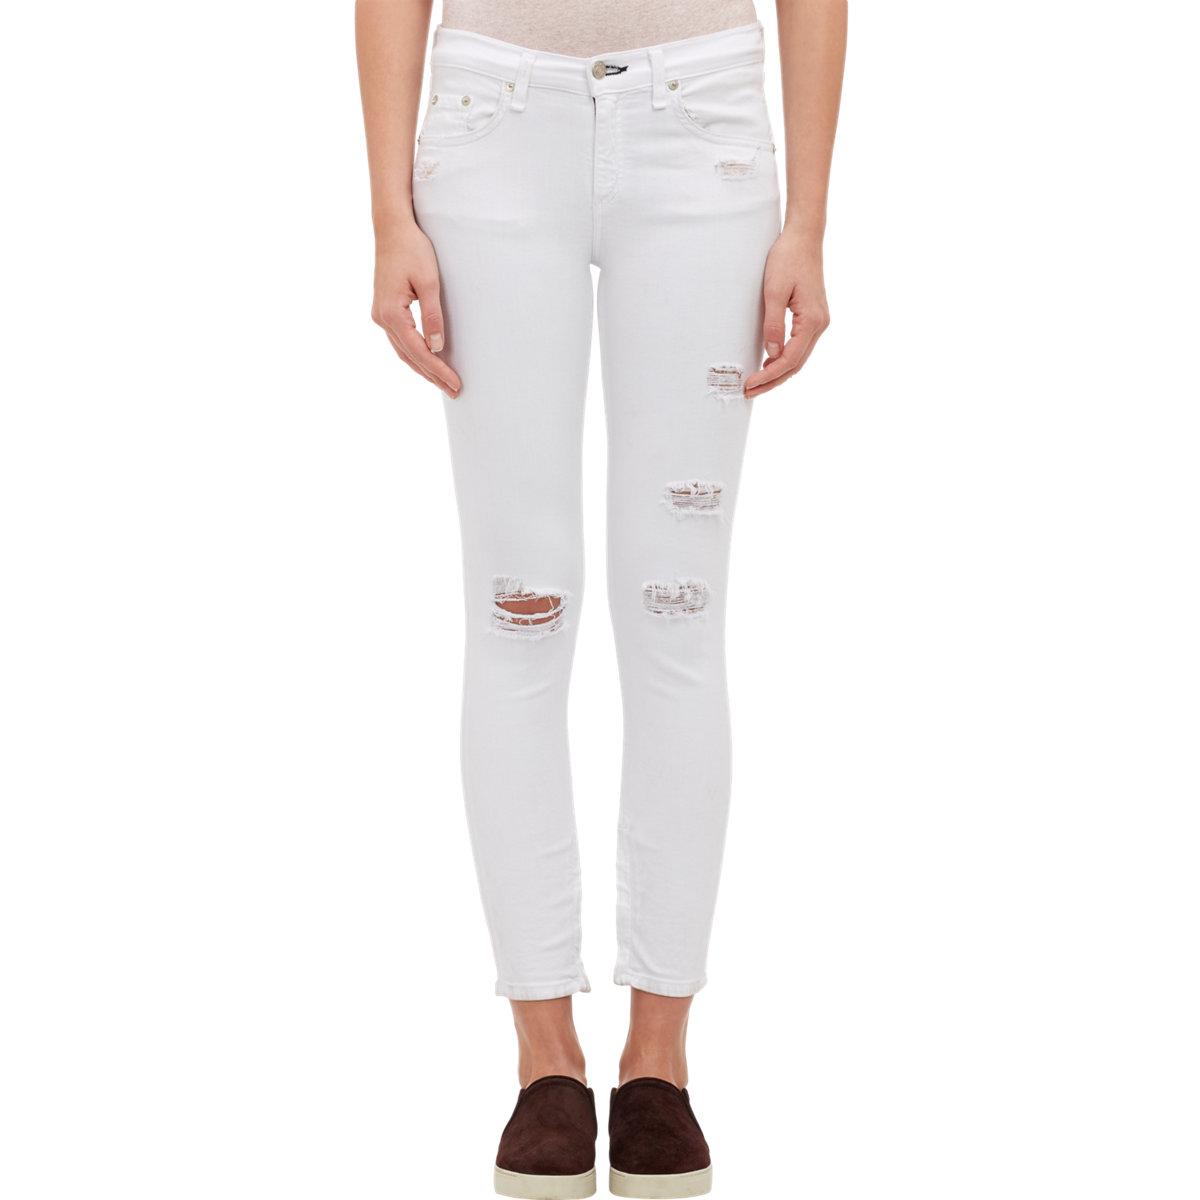 Rag & bone Women's Zip-ankle Capri Jeans in White | Lyst